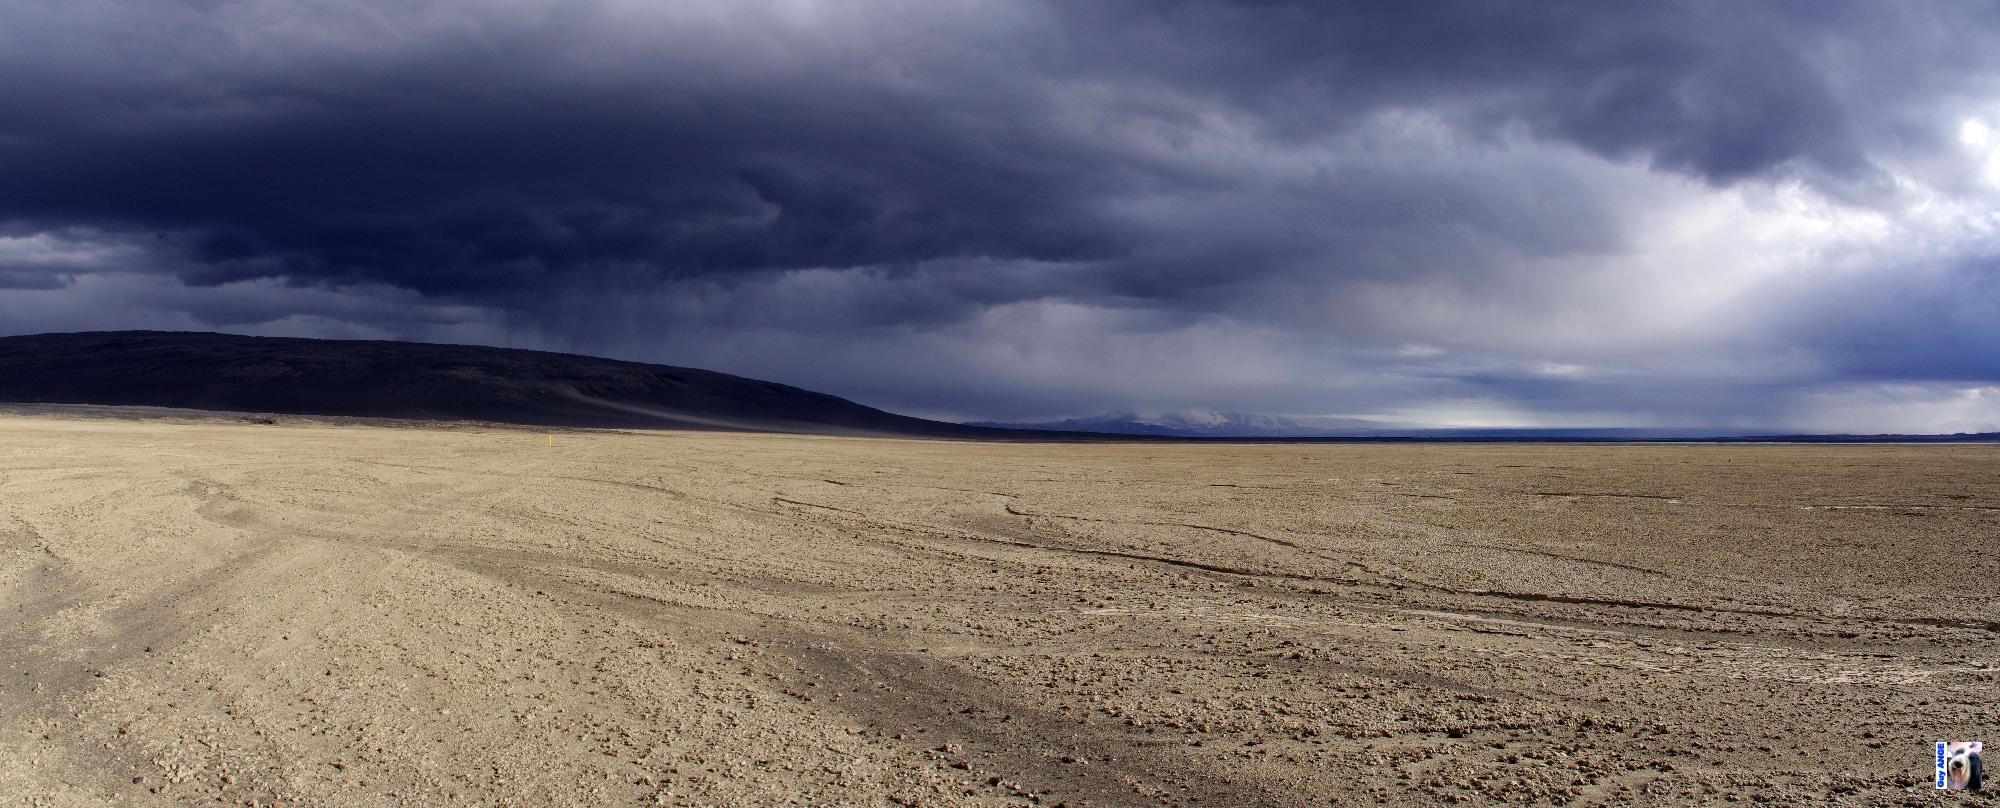 Au départ du refuge d'Askja pour les champs de lave d'Holuhraun, ciel orageux.